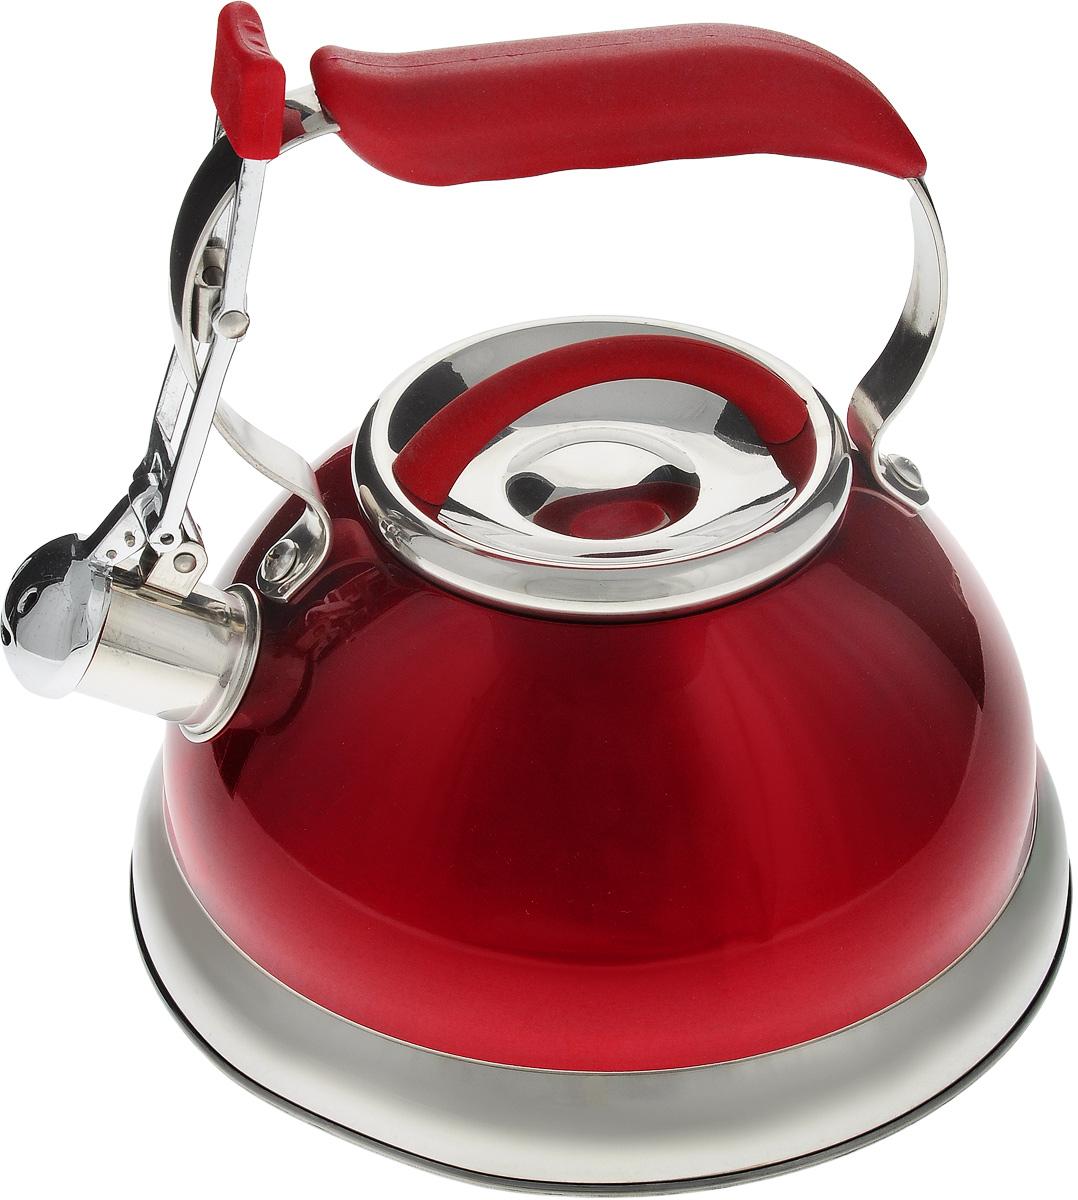 Чайник Calve, со свистком, цвет: красный, 2,7 л68/5/4Чайник Calve изготовлен из высококачественной нержавеющей стали с термоаккумулирующим дном. Нержавеющая сталь обладает высокой устойчивостью к коррозии, не вступает в реакцию с холодными и горячими продуктами и полностью сохраняет их вкусовые качества. Особая конструкция дна способствует высокой теплопроводности и равномерному распределению тепла. Чайник оснащен удобной пластиковой ручкой с покрытием Soft-Touch. Носик чайника имеет откидной свисток, звуковой сигнал которого подскажет, когда закипит вода. Подходит для всех типов плит, включая индукционные. Можно мыть в посудомоечной машине.Диаметр чайника (по верхнему краю): 10 см.Высота чайника (без учета ручки и крышки): 11,5 см.Высота чайника (с учетом ручки): 21 см.